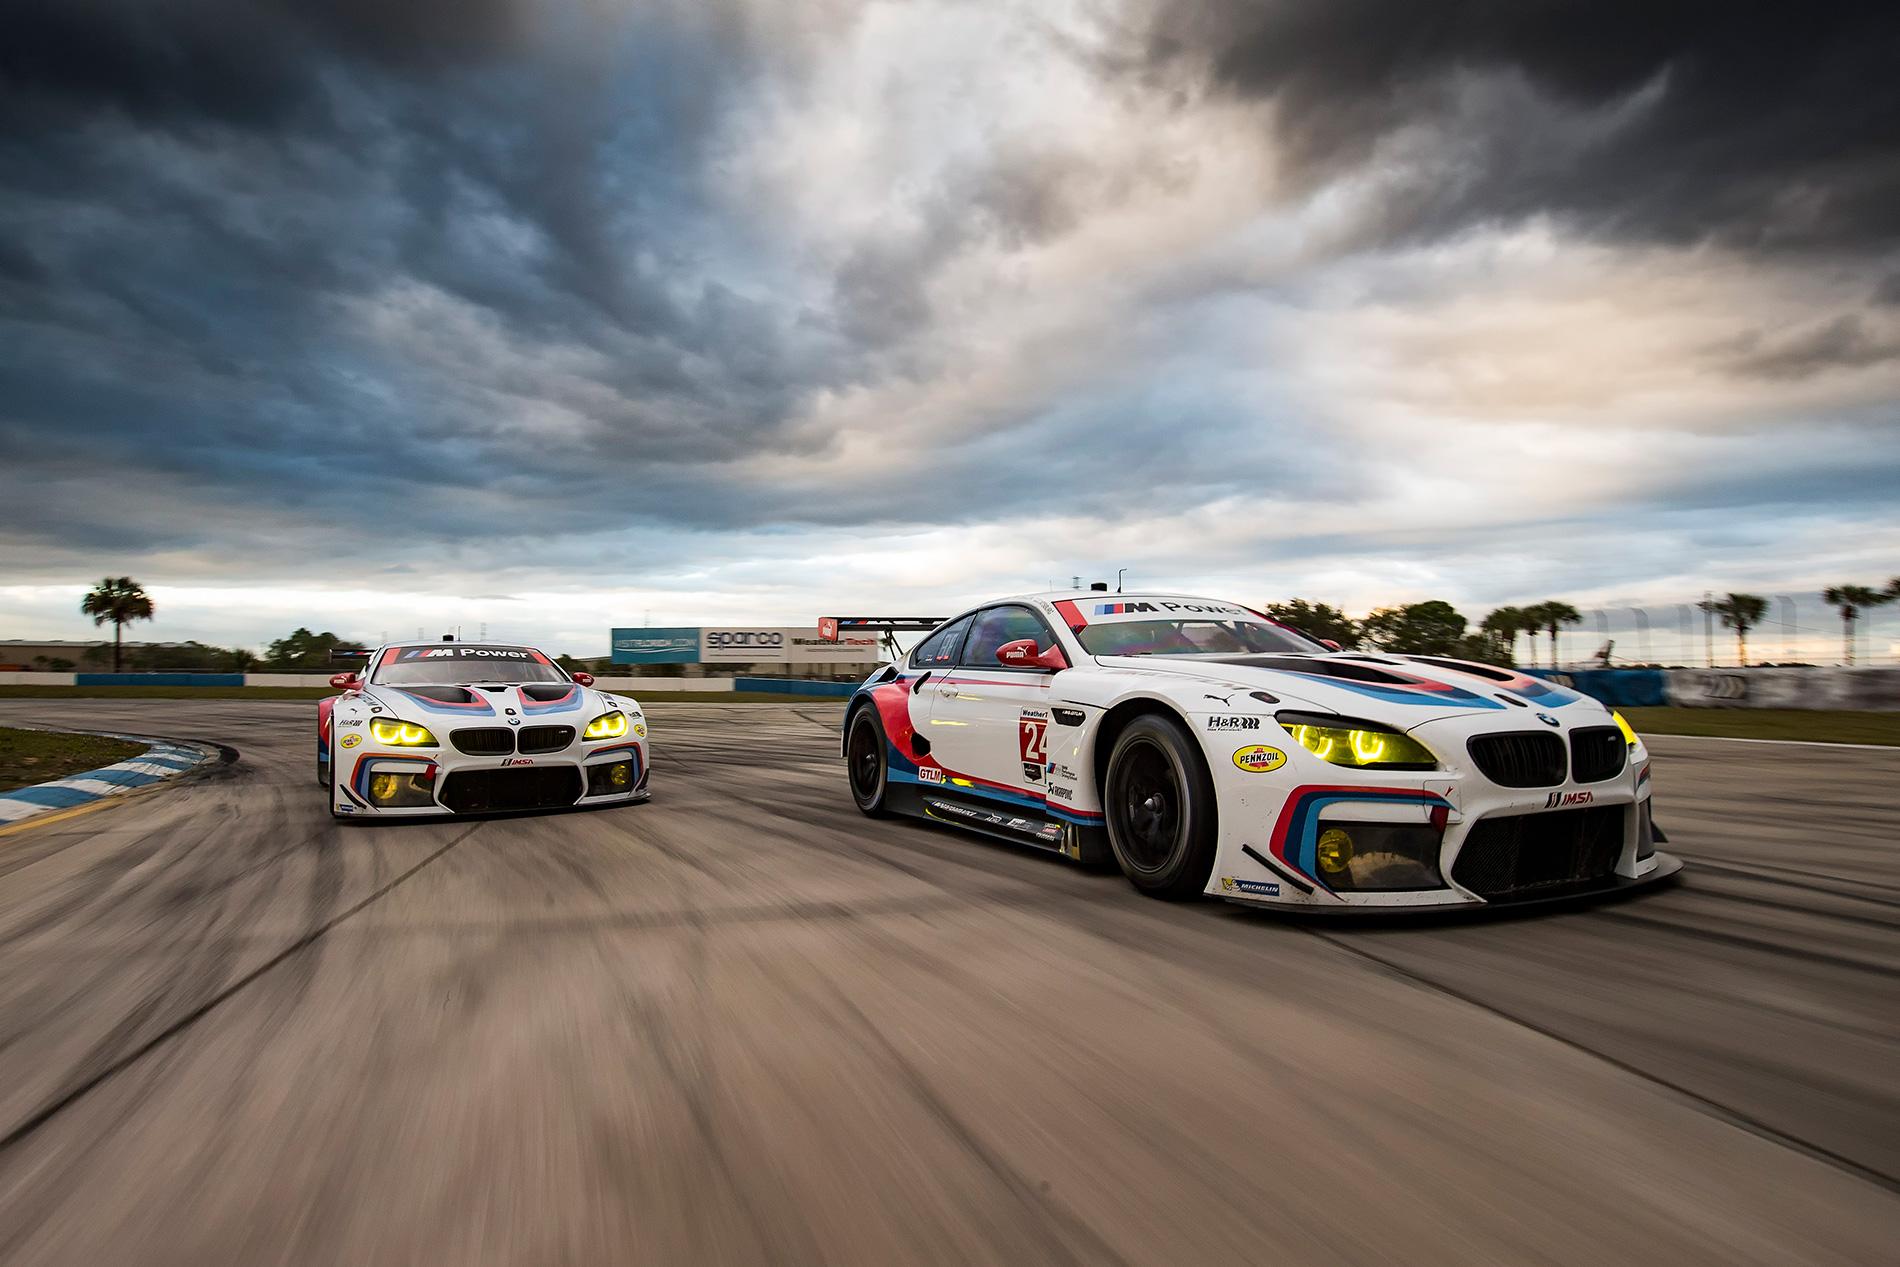 BMW Sebring 2017